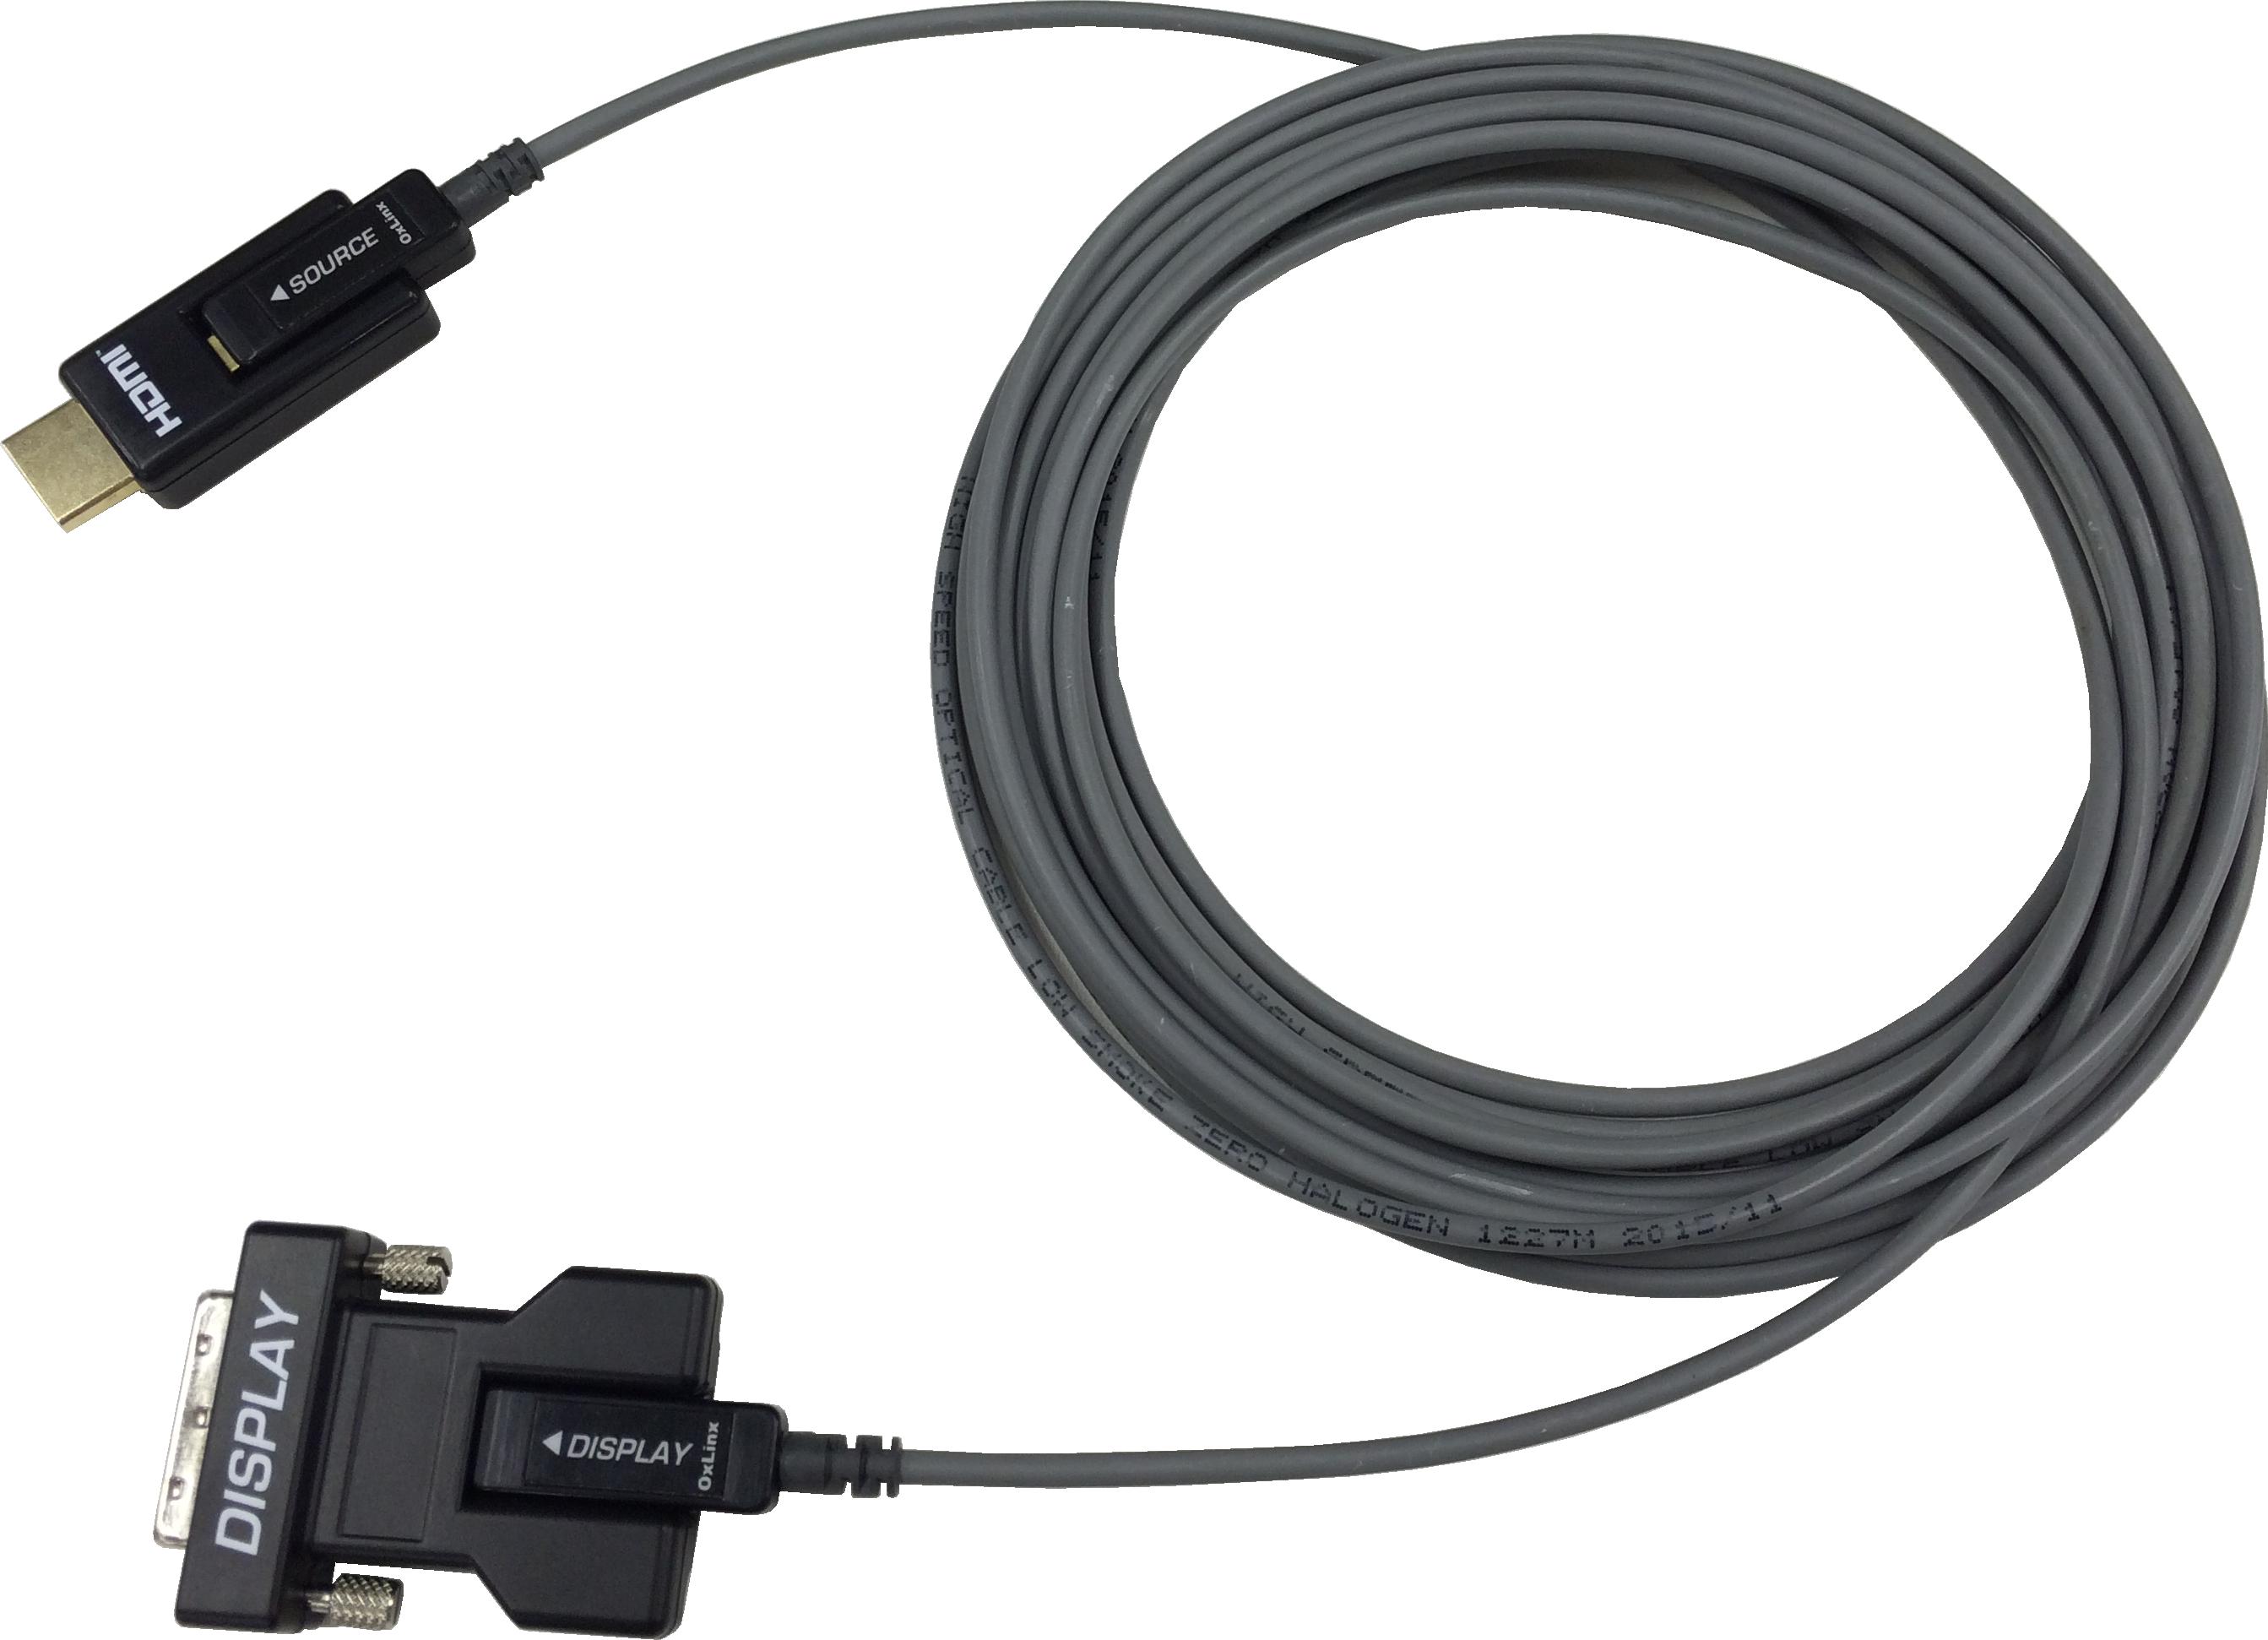 NP-AOC-HDMI/DVI-xx